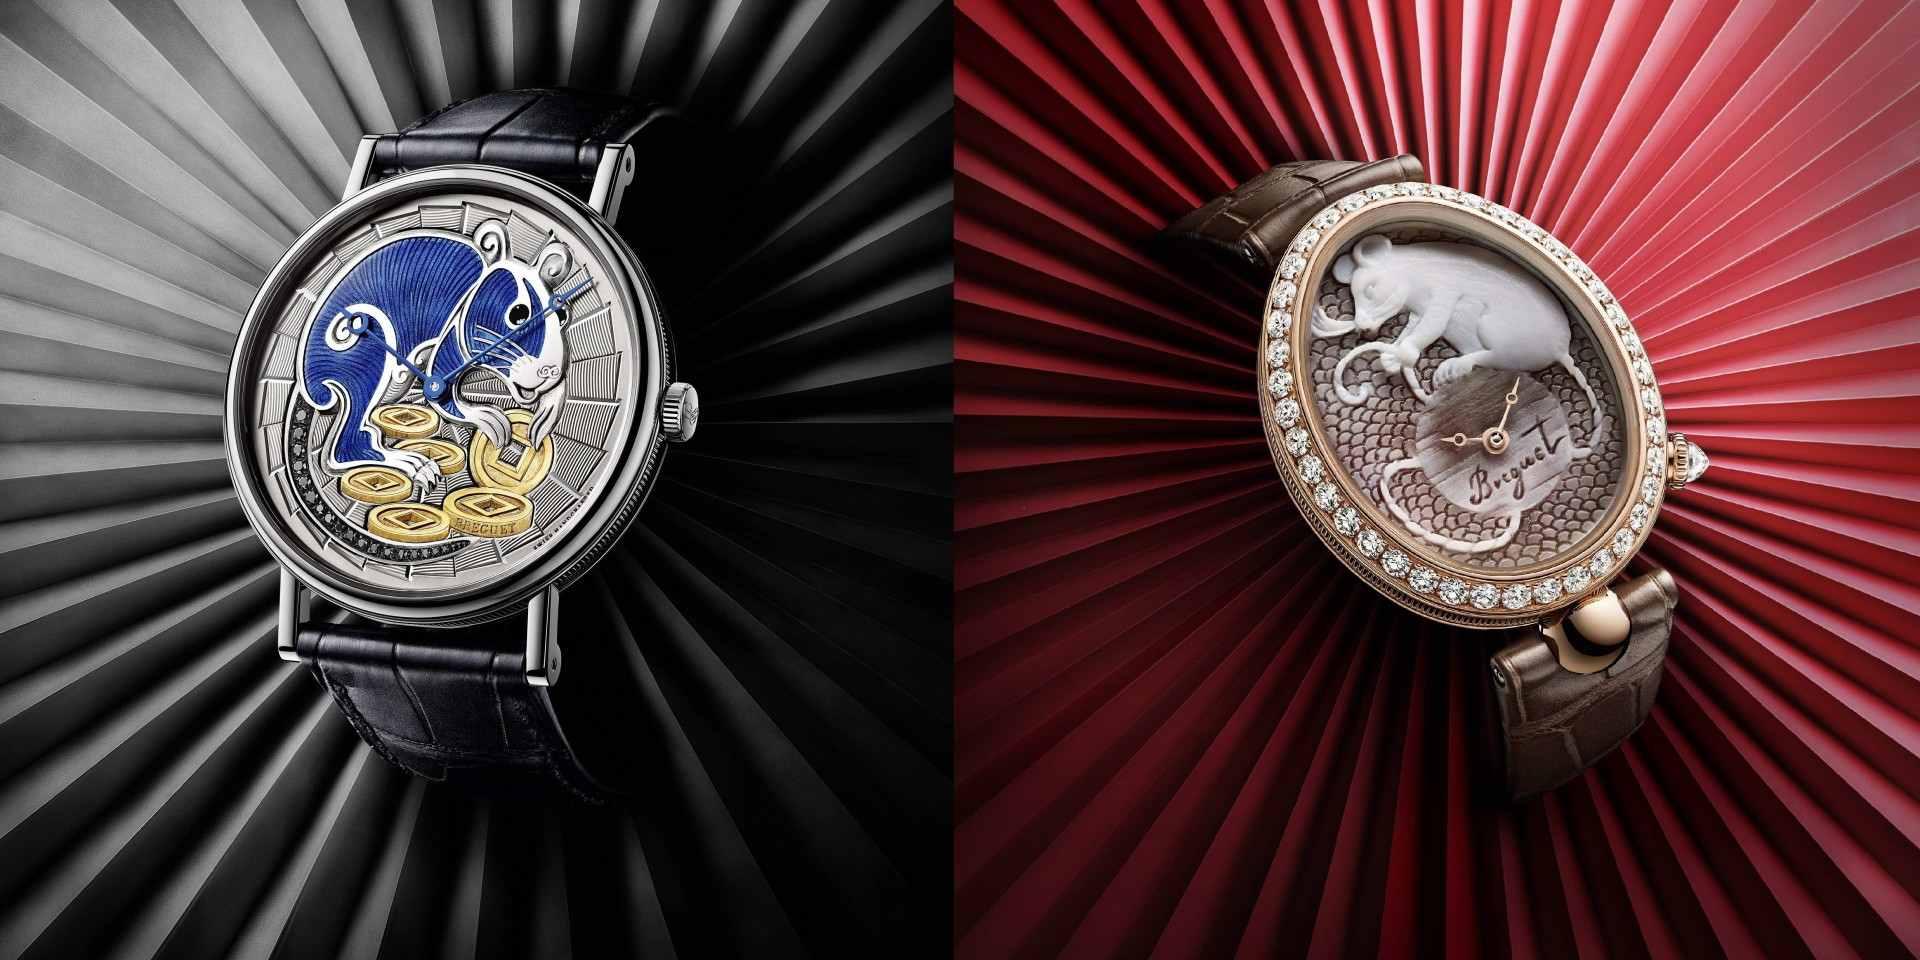 靈動瑞鼠獻工藝:寶璣推出Classique 7145經典系列及Reine de Naples Cammea 8955鼠年限量腕錶